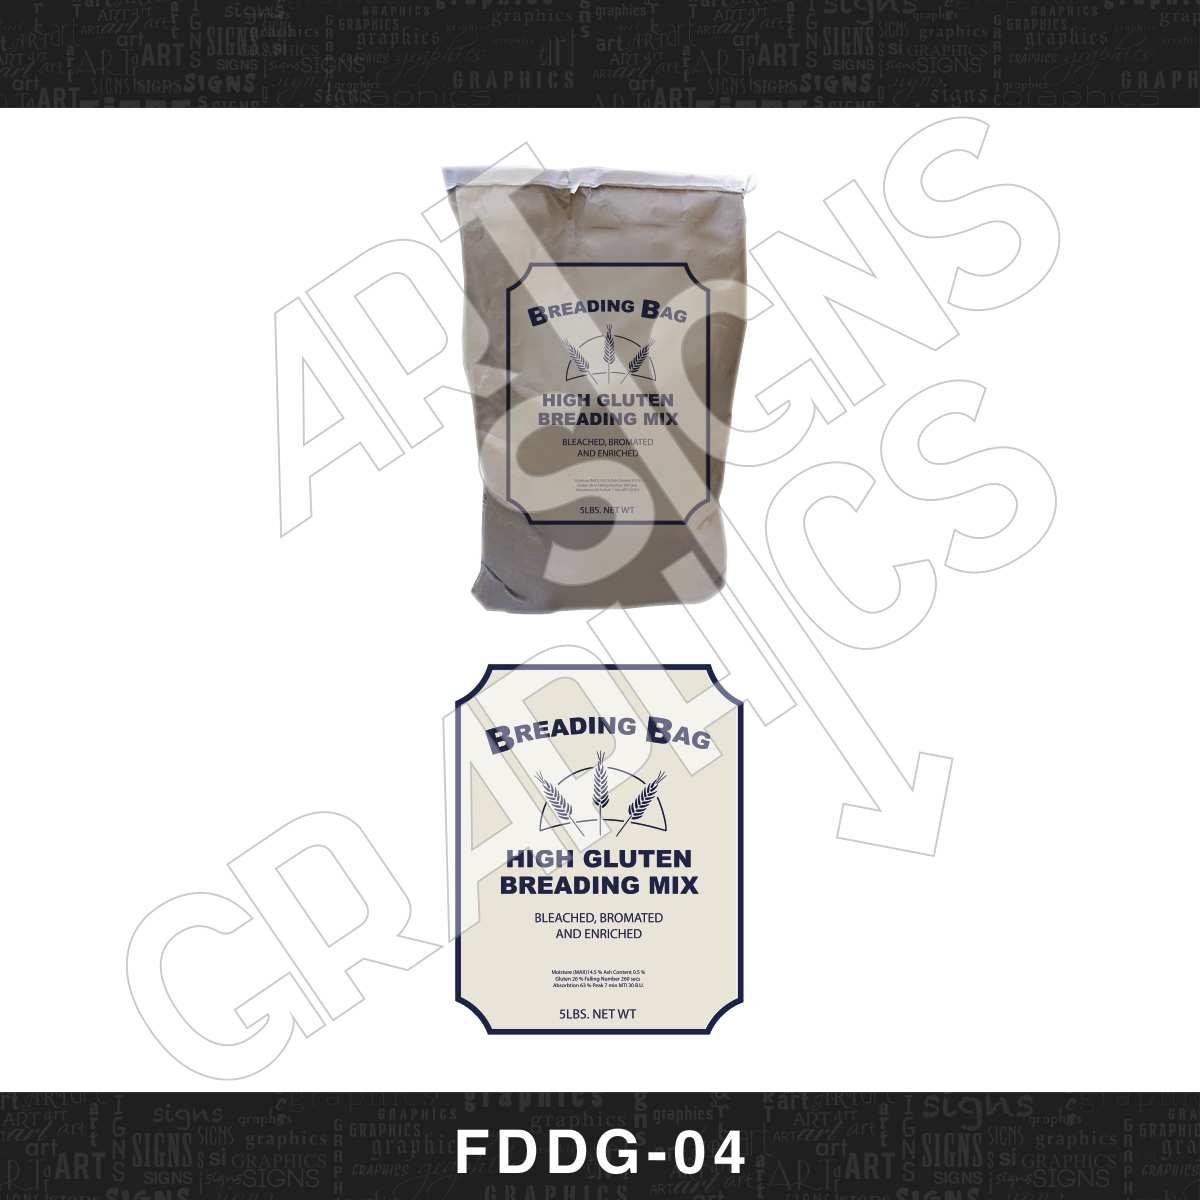 FDDG-04.jpg